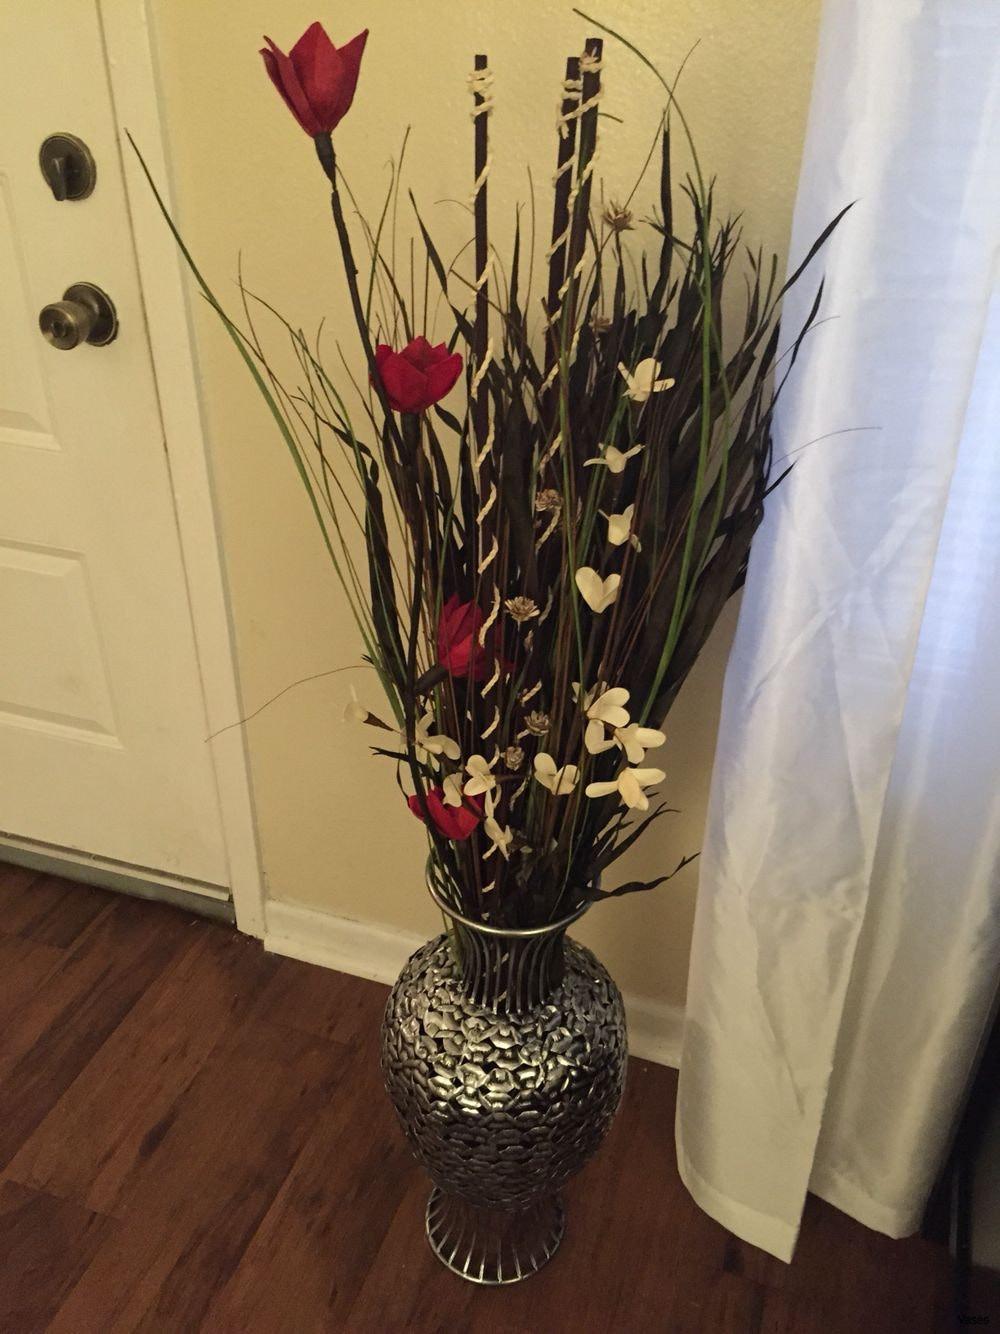 Vase Lights Of Sticks In Vase Gallery Vases Vase with Sticks Red In A I 0d 3d Model Inside Sticks In Vase Gallery Vases Vase with Sticks Red In A I 0d 3d Model and Lights Ice Cream